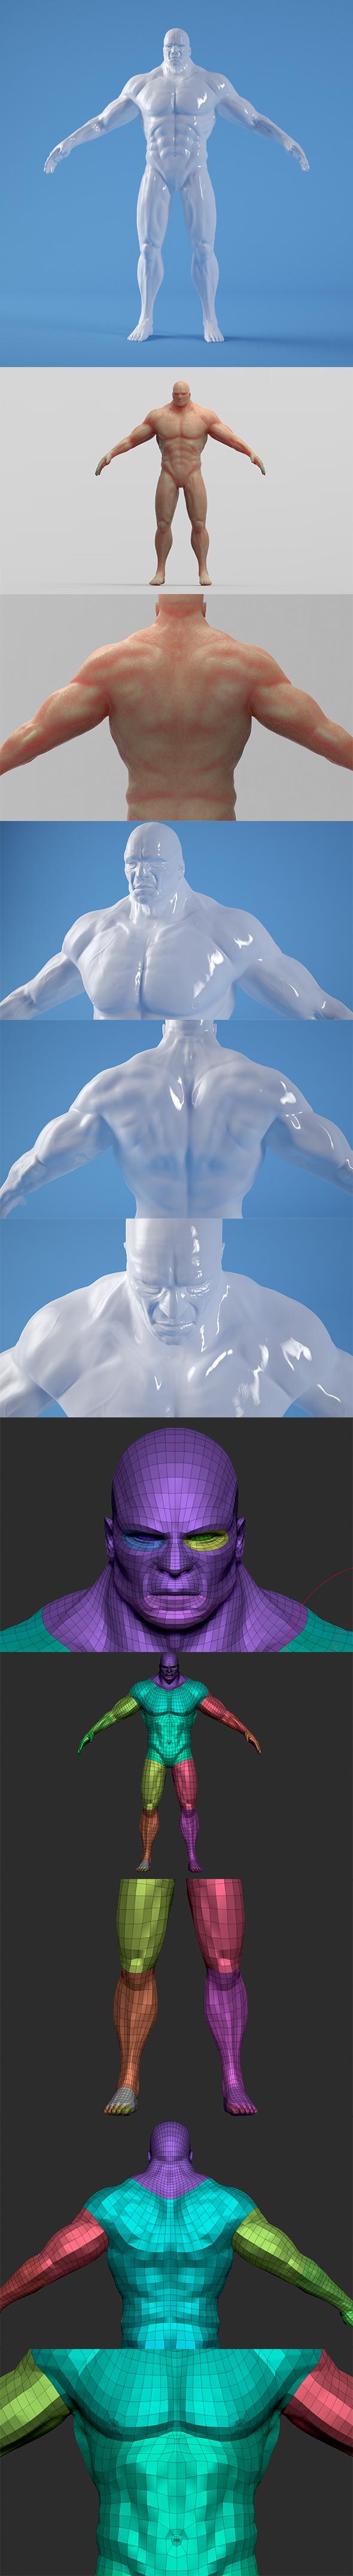 3docean Muscled Man - Base Mesh Body Man 19478411